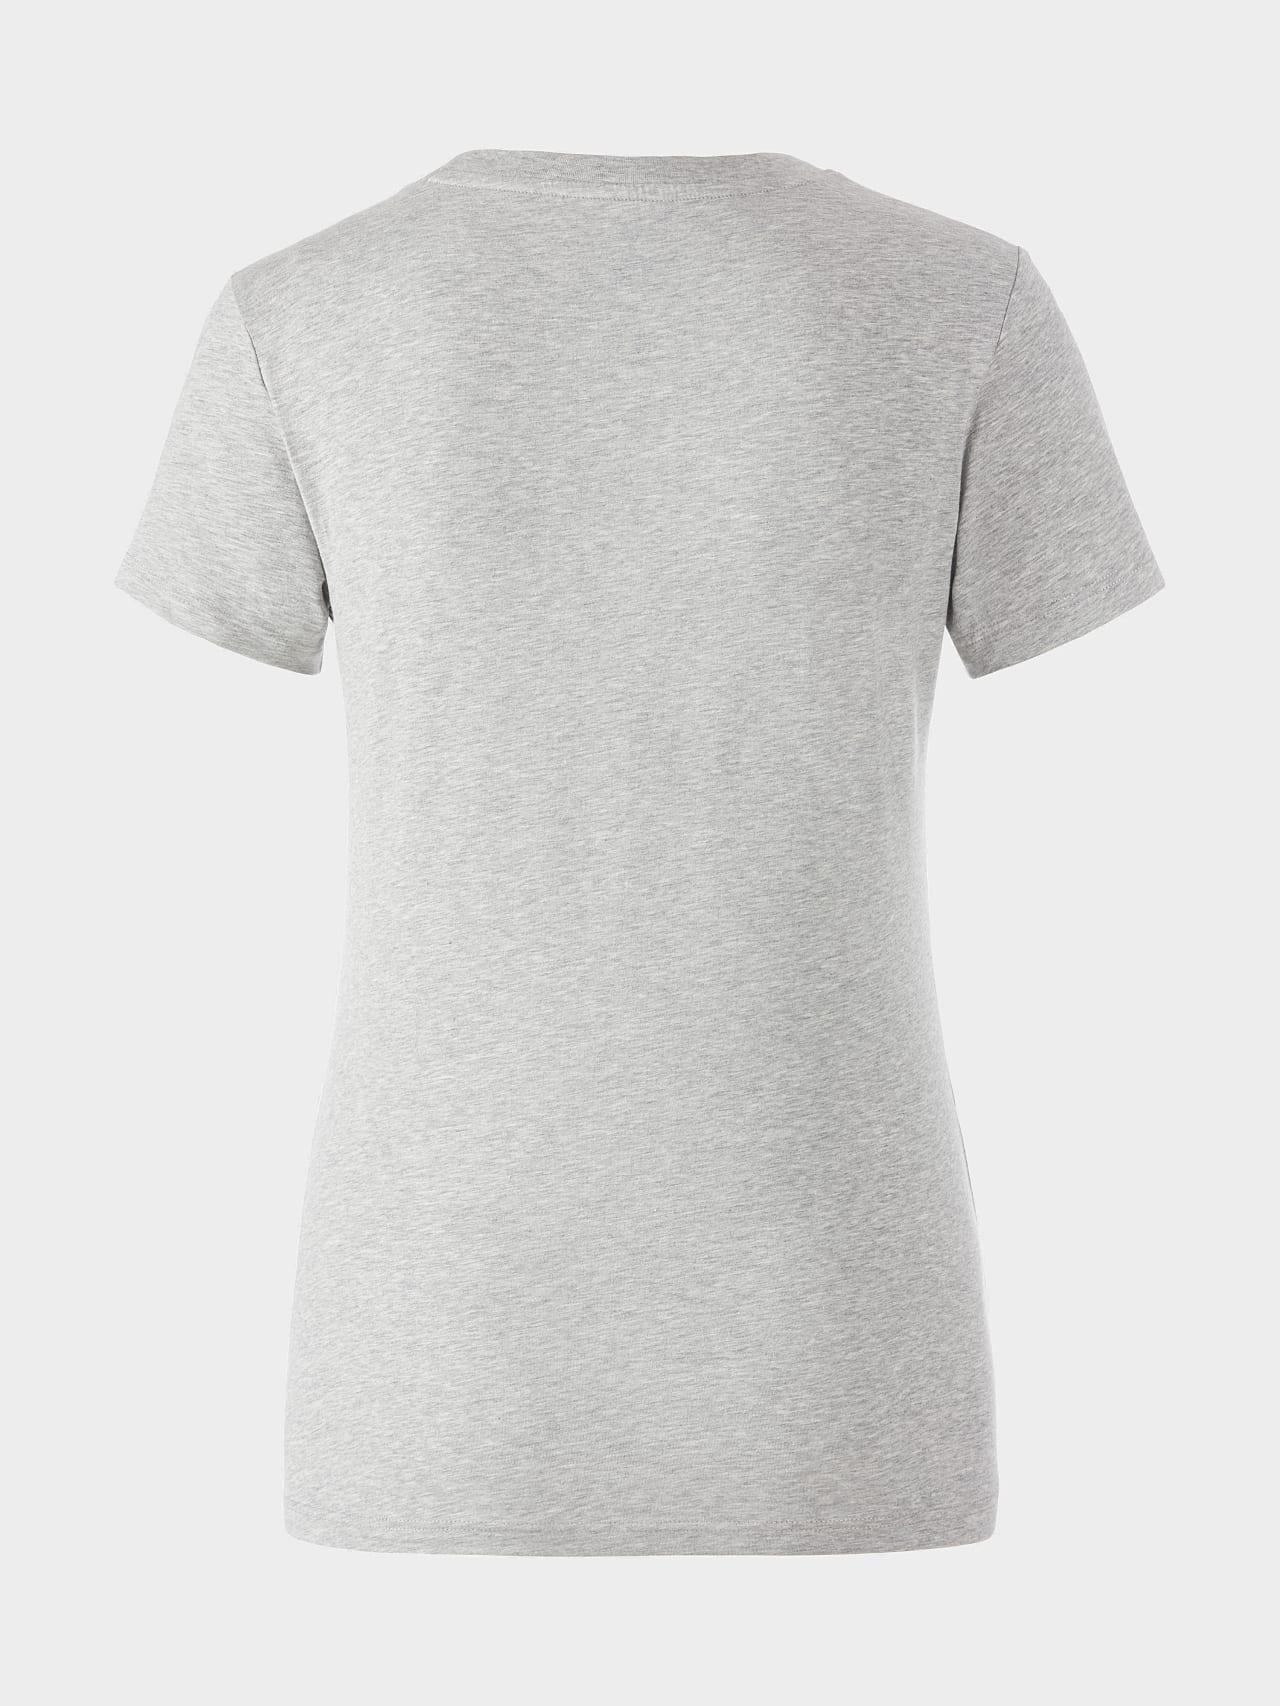 JALP V4.Y5.01 Cotton Logo T-Shirt grey / melange Left Alpha Tauri